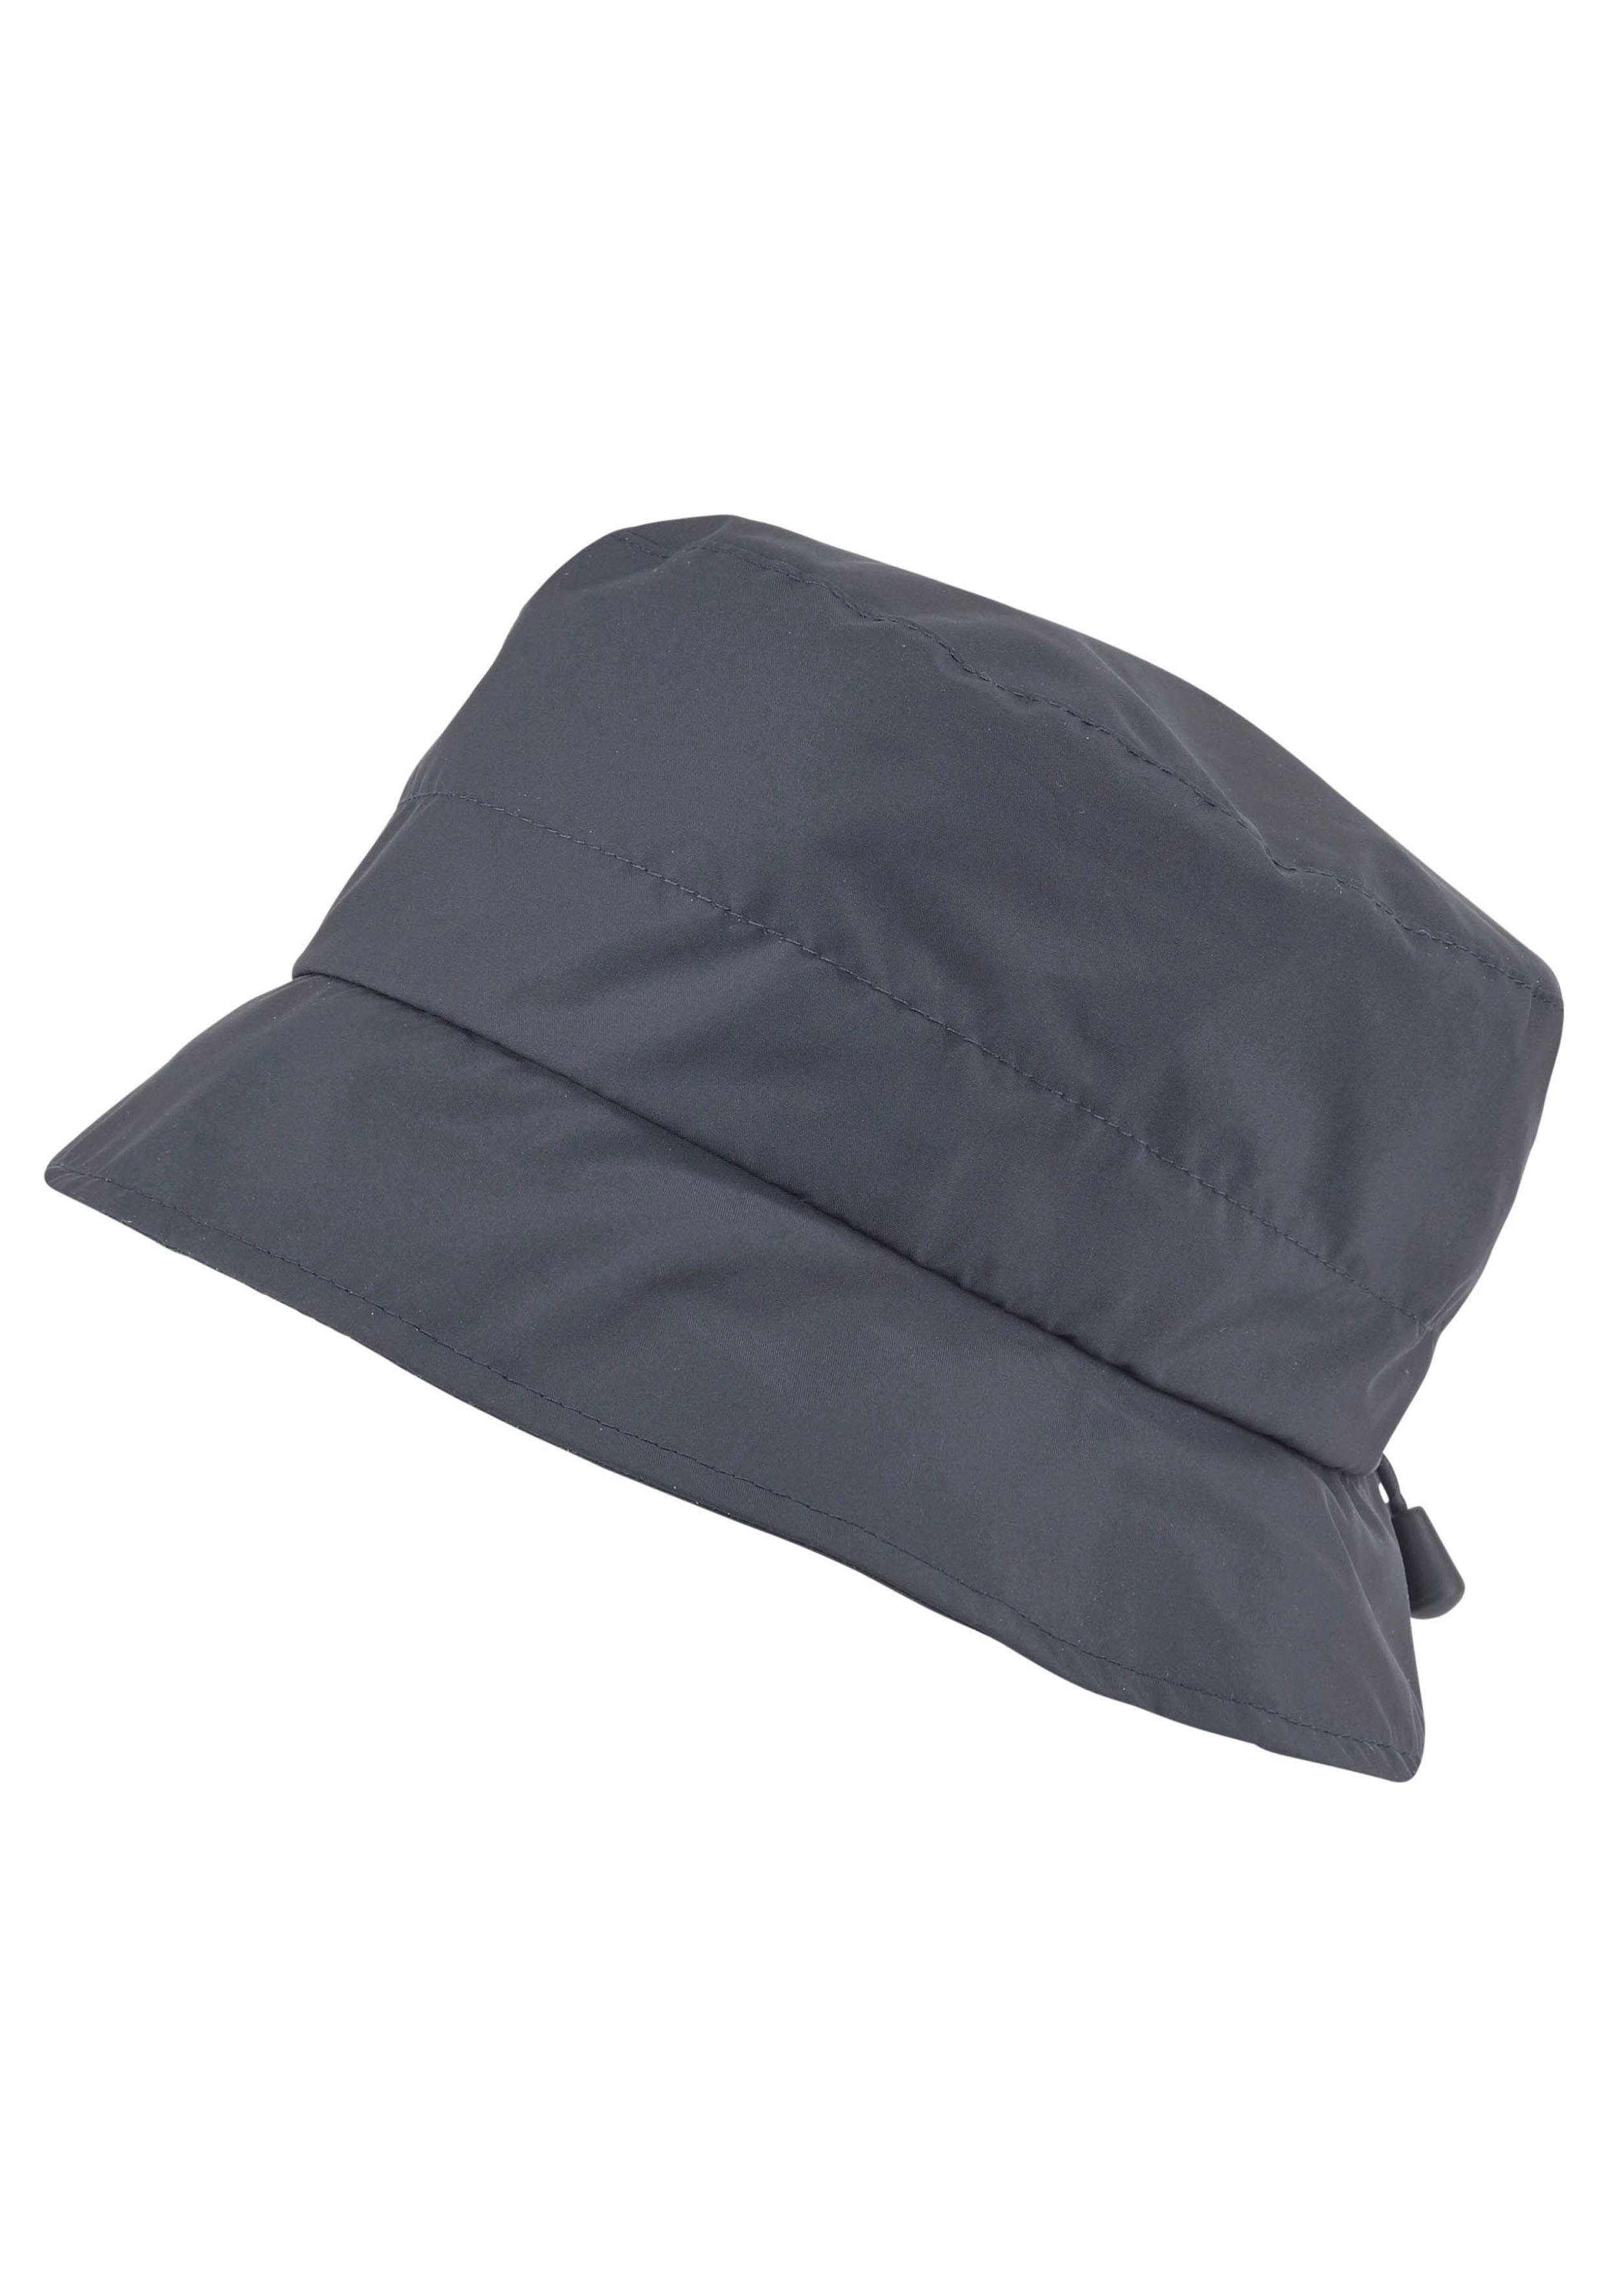 Loevenich Fischerhut mit Zugband, Fischerhut Look, Regenschutz